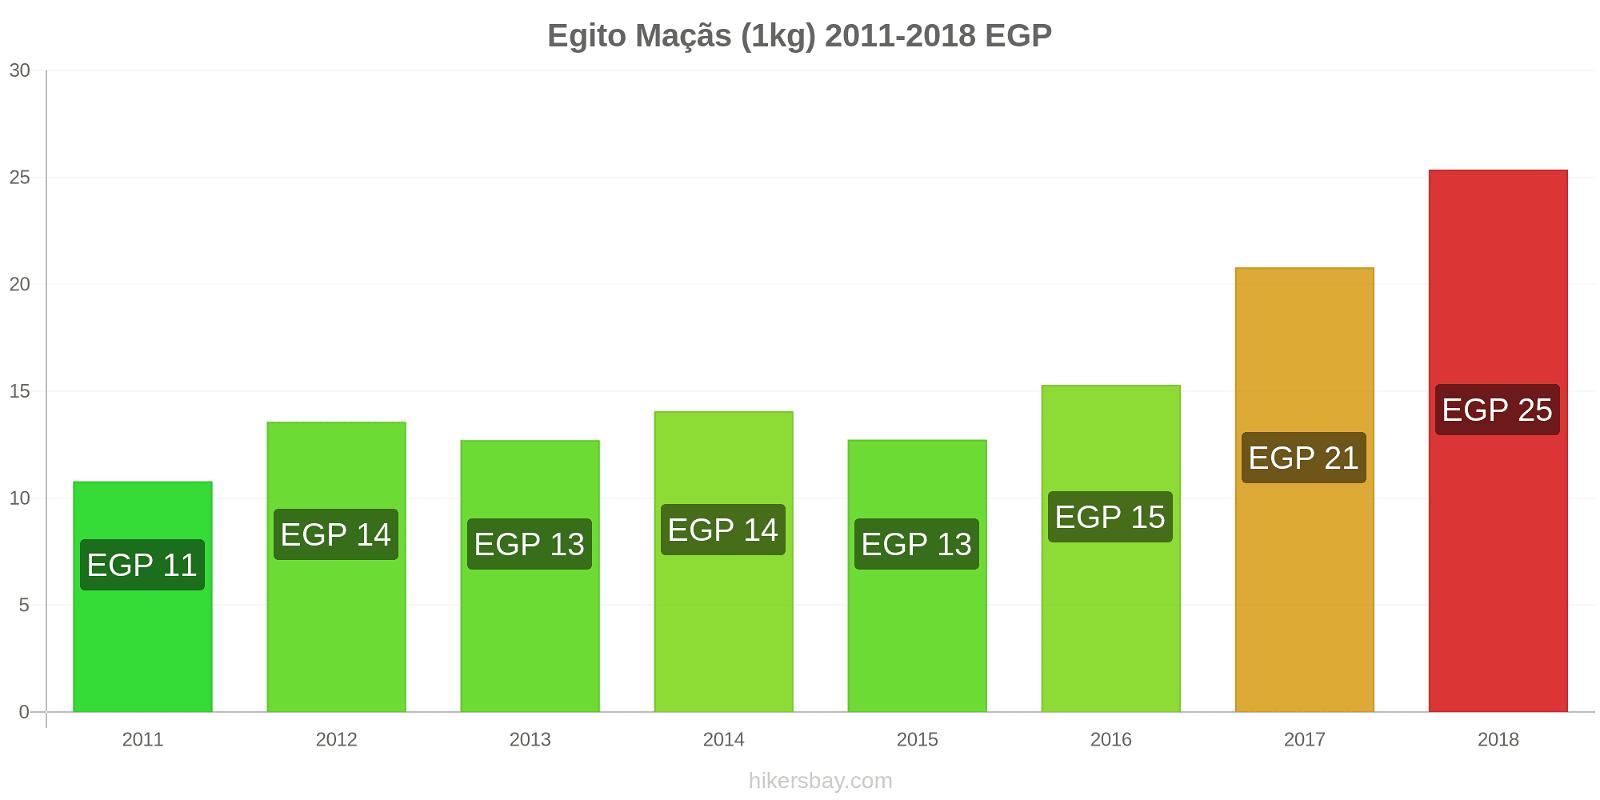 Egito variação de preço Maçãs (1kg) hikersbay.com